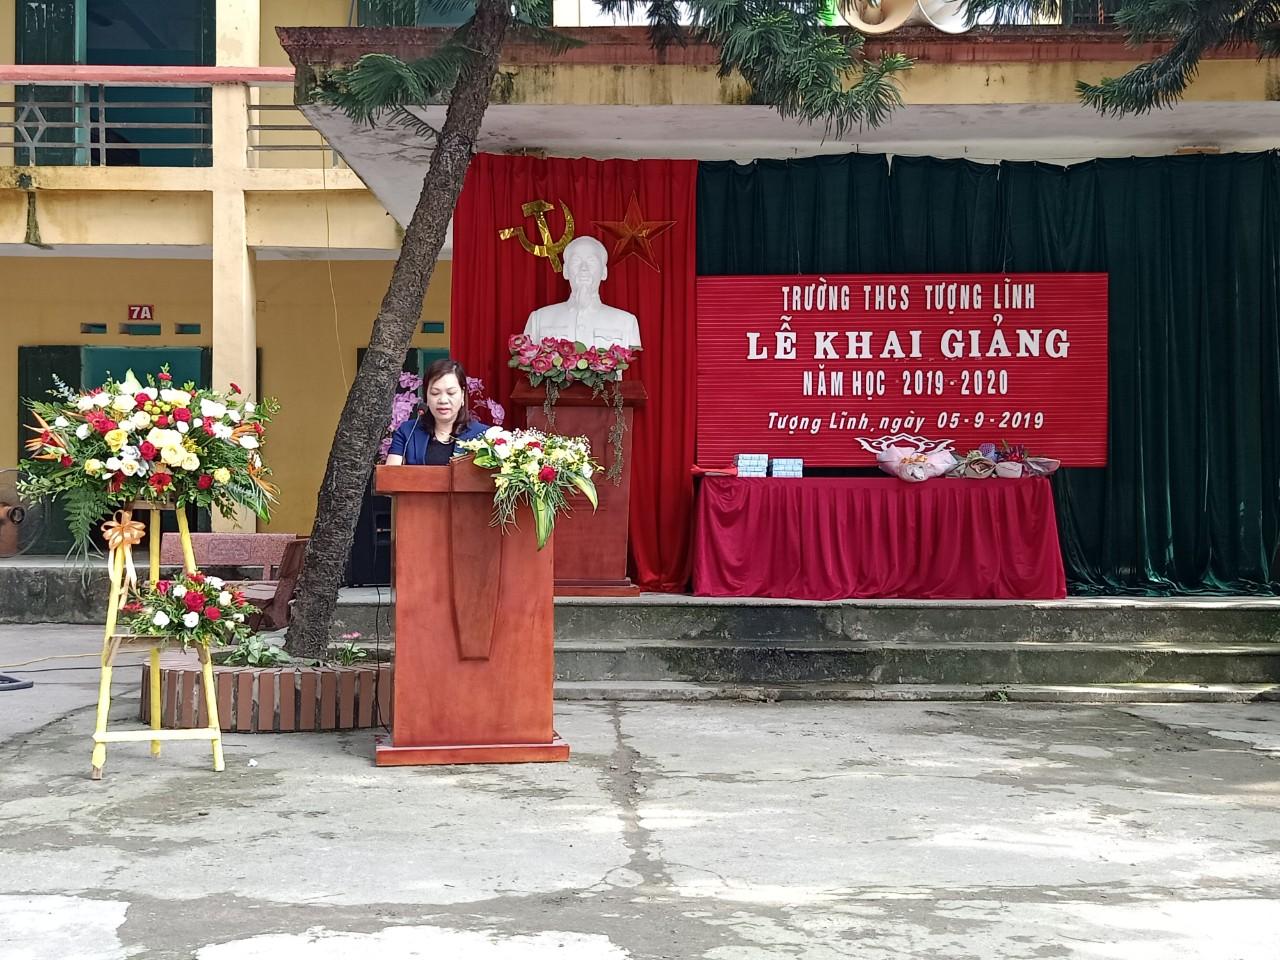 Bà: Nguyễn Thi Diện - Huyện ủy viên, Chánh án TAND huyện về dự phát biểu chỉ đạo và tặng hoa cho nhà trường